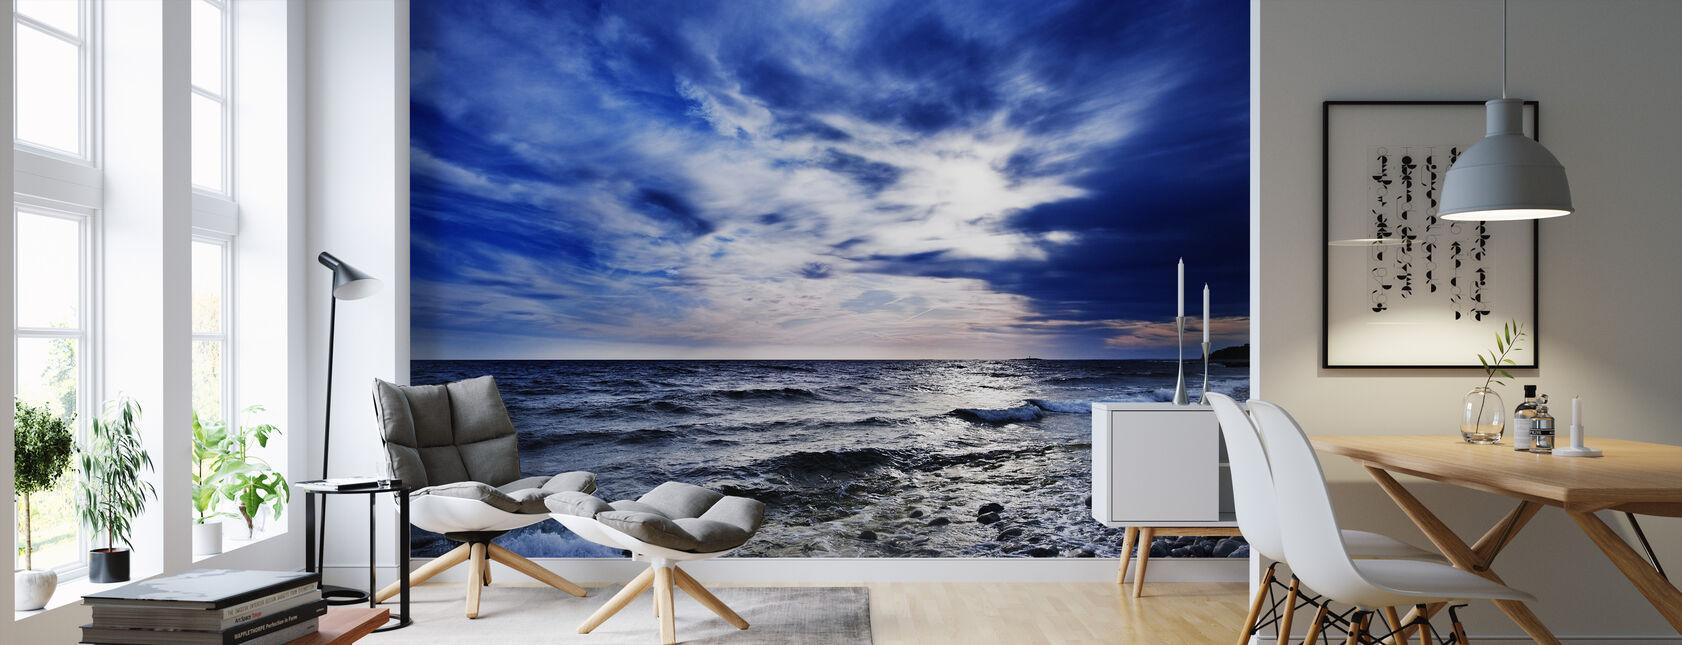 Blue Waves of Torö, Sweden - Wallpaper - Living Room